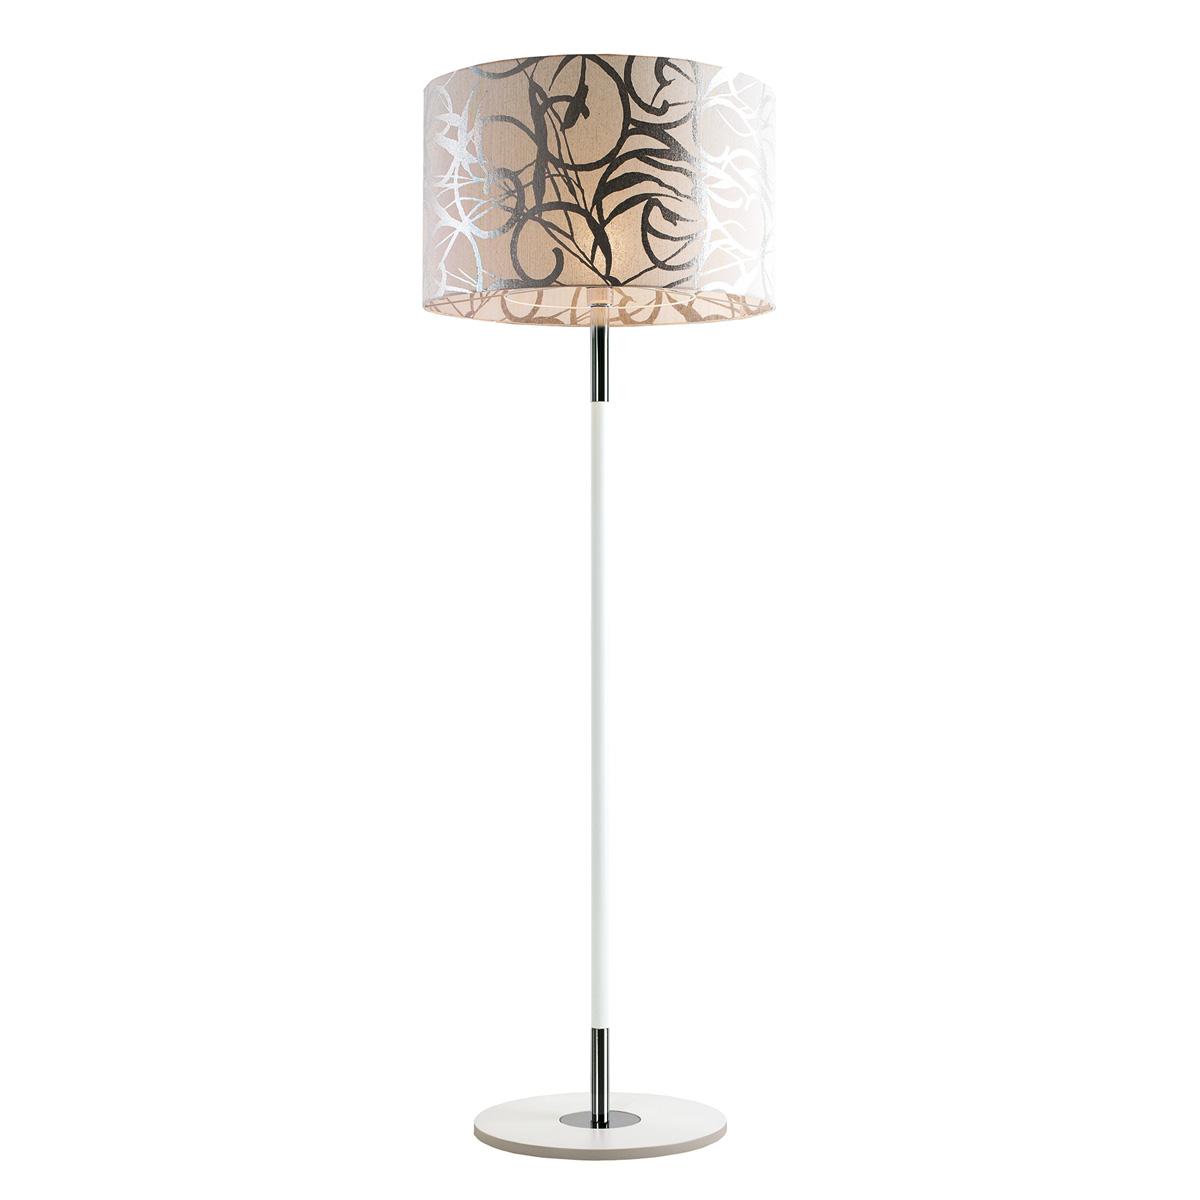 Φωτιστικό δαπέδου DISK II modern floor lamp